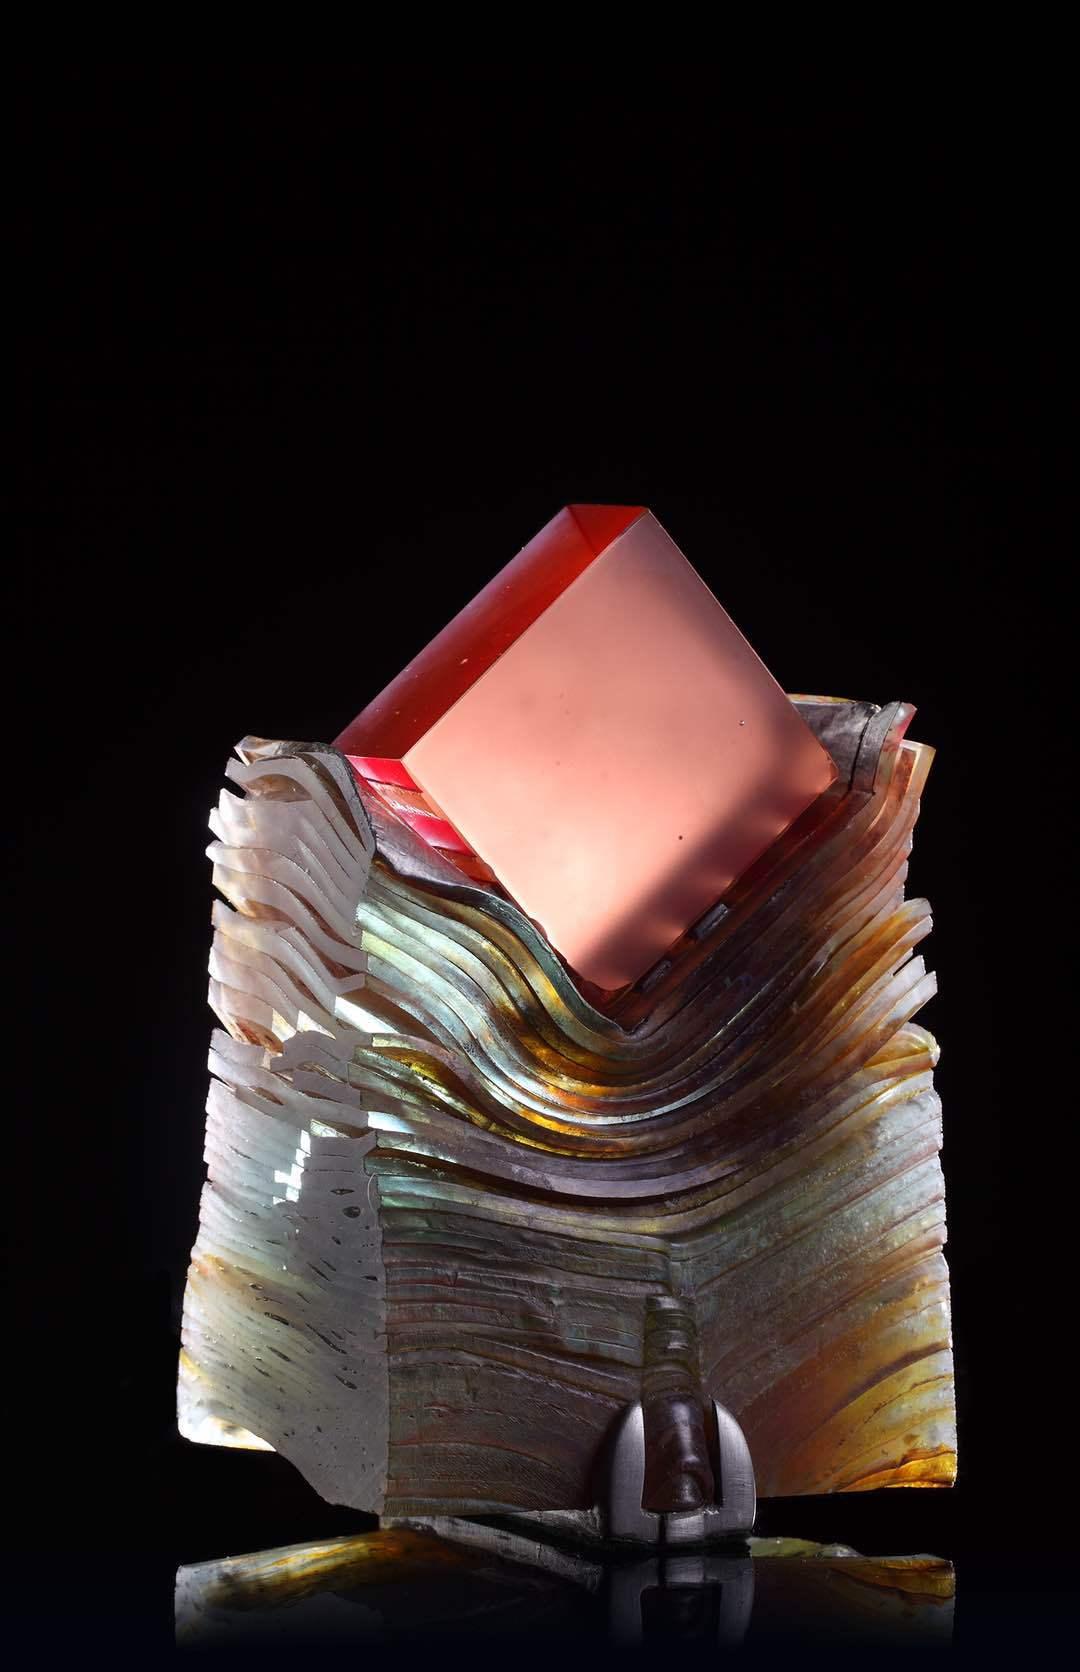 横跨三代艺术家,这个展一次看遍60年英伦窑铸玻璃艺术